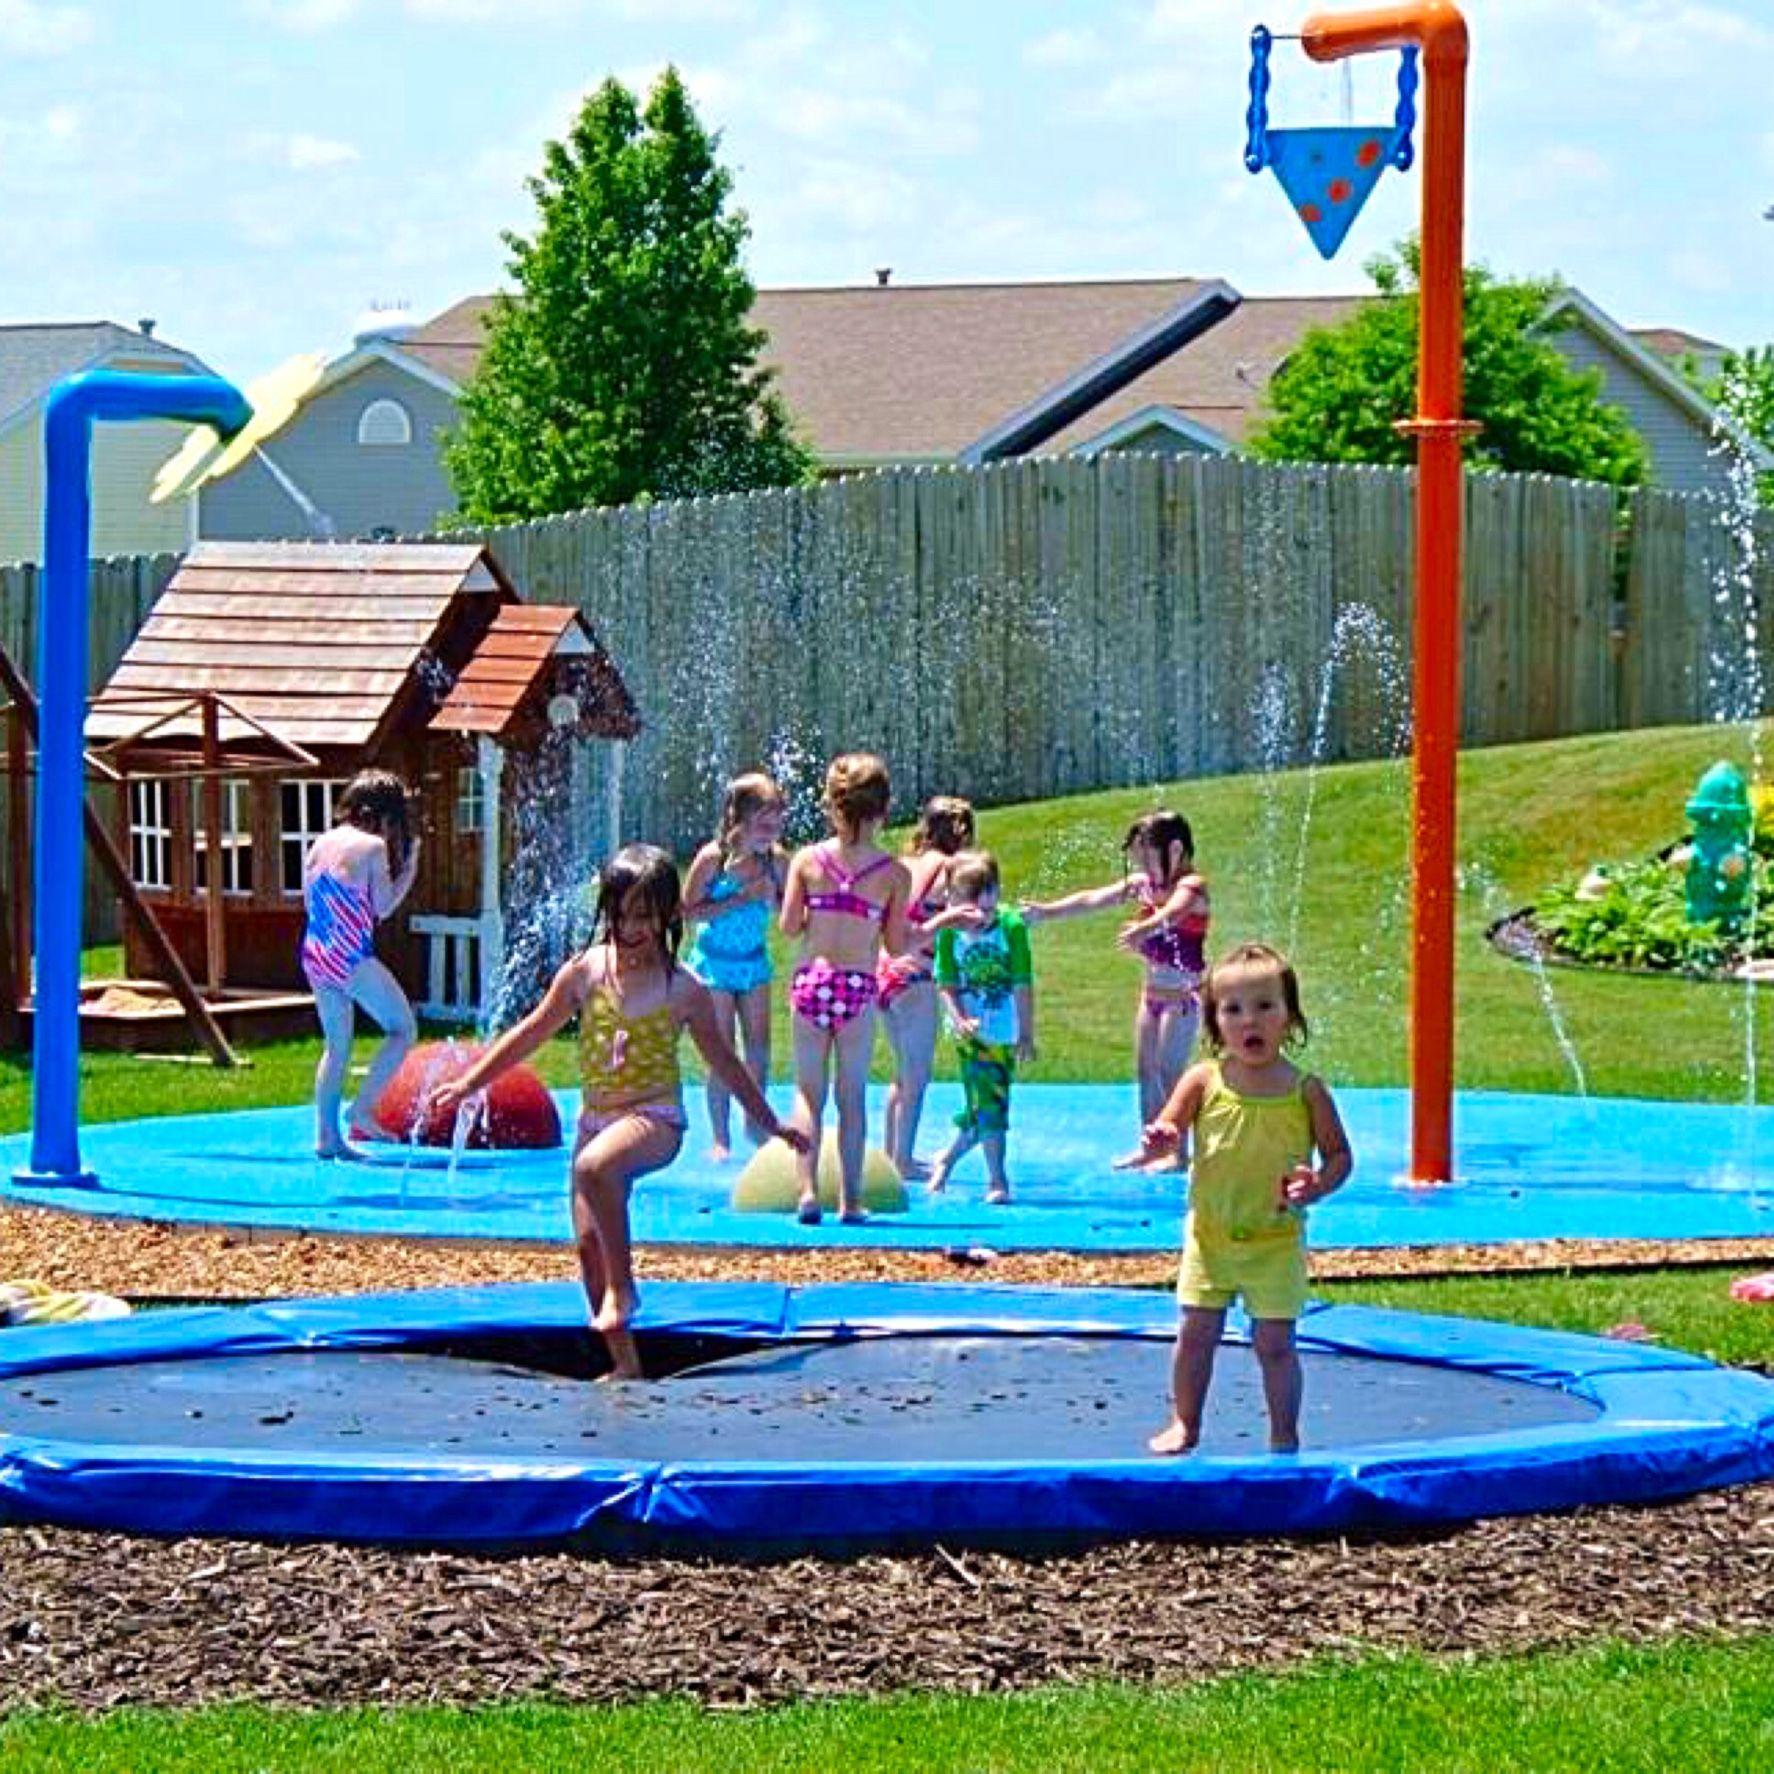 Splash Pad Installation, Kits & Water Playground Equipment